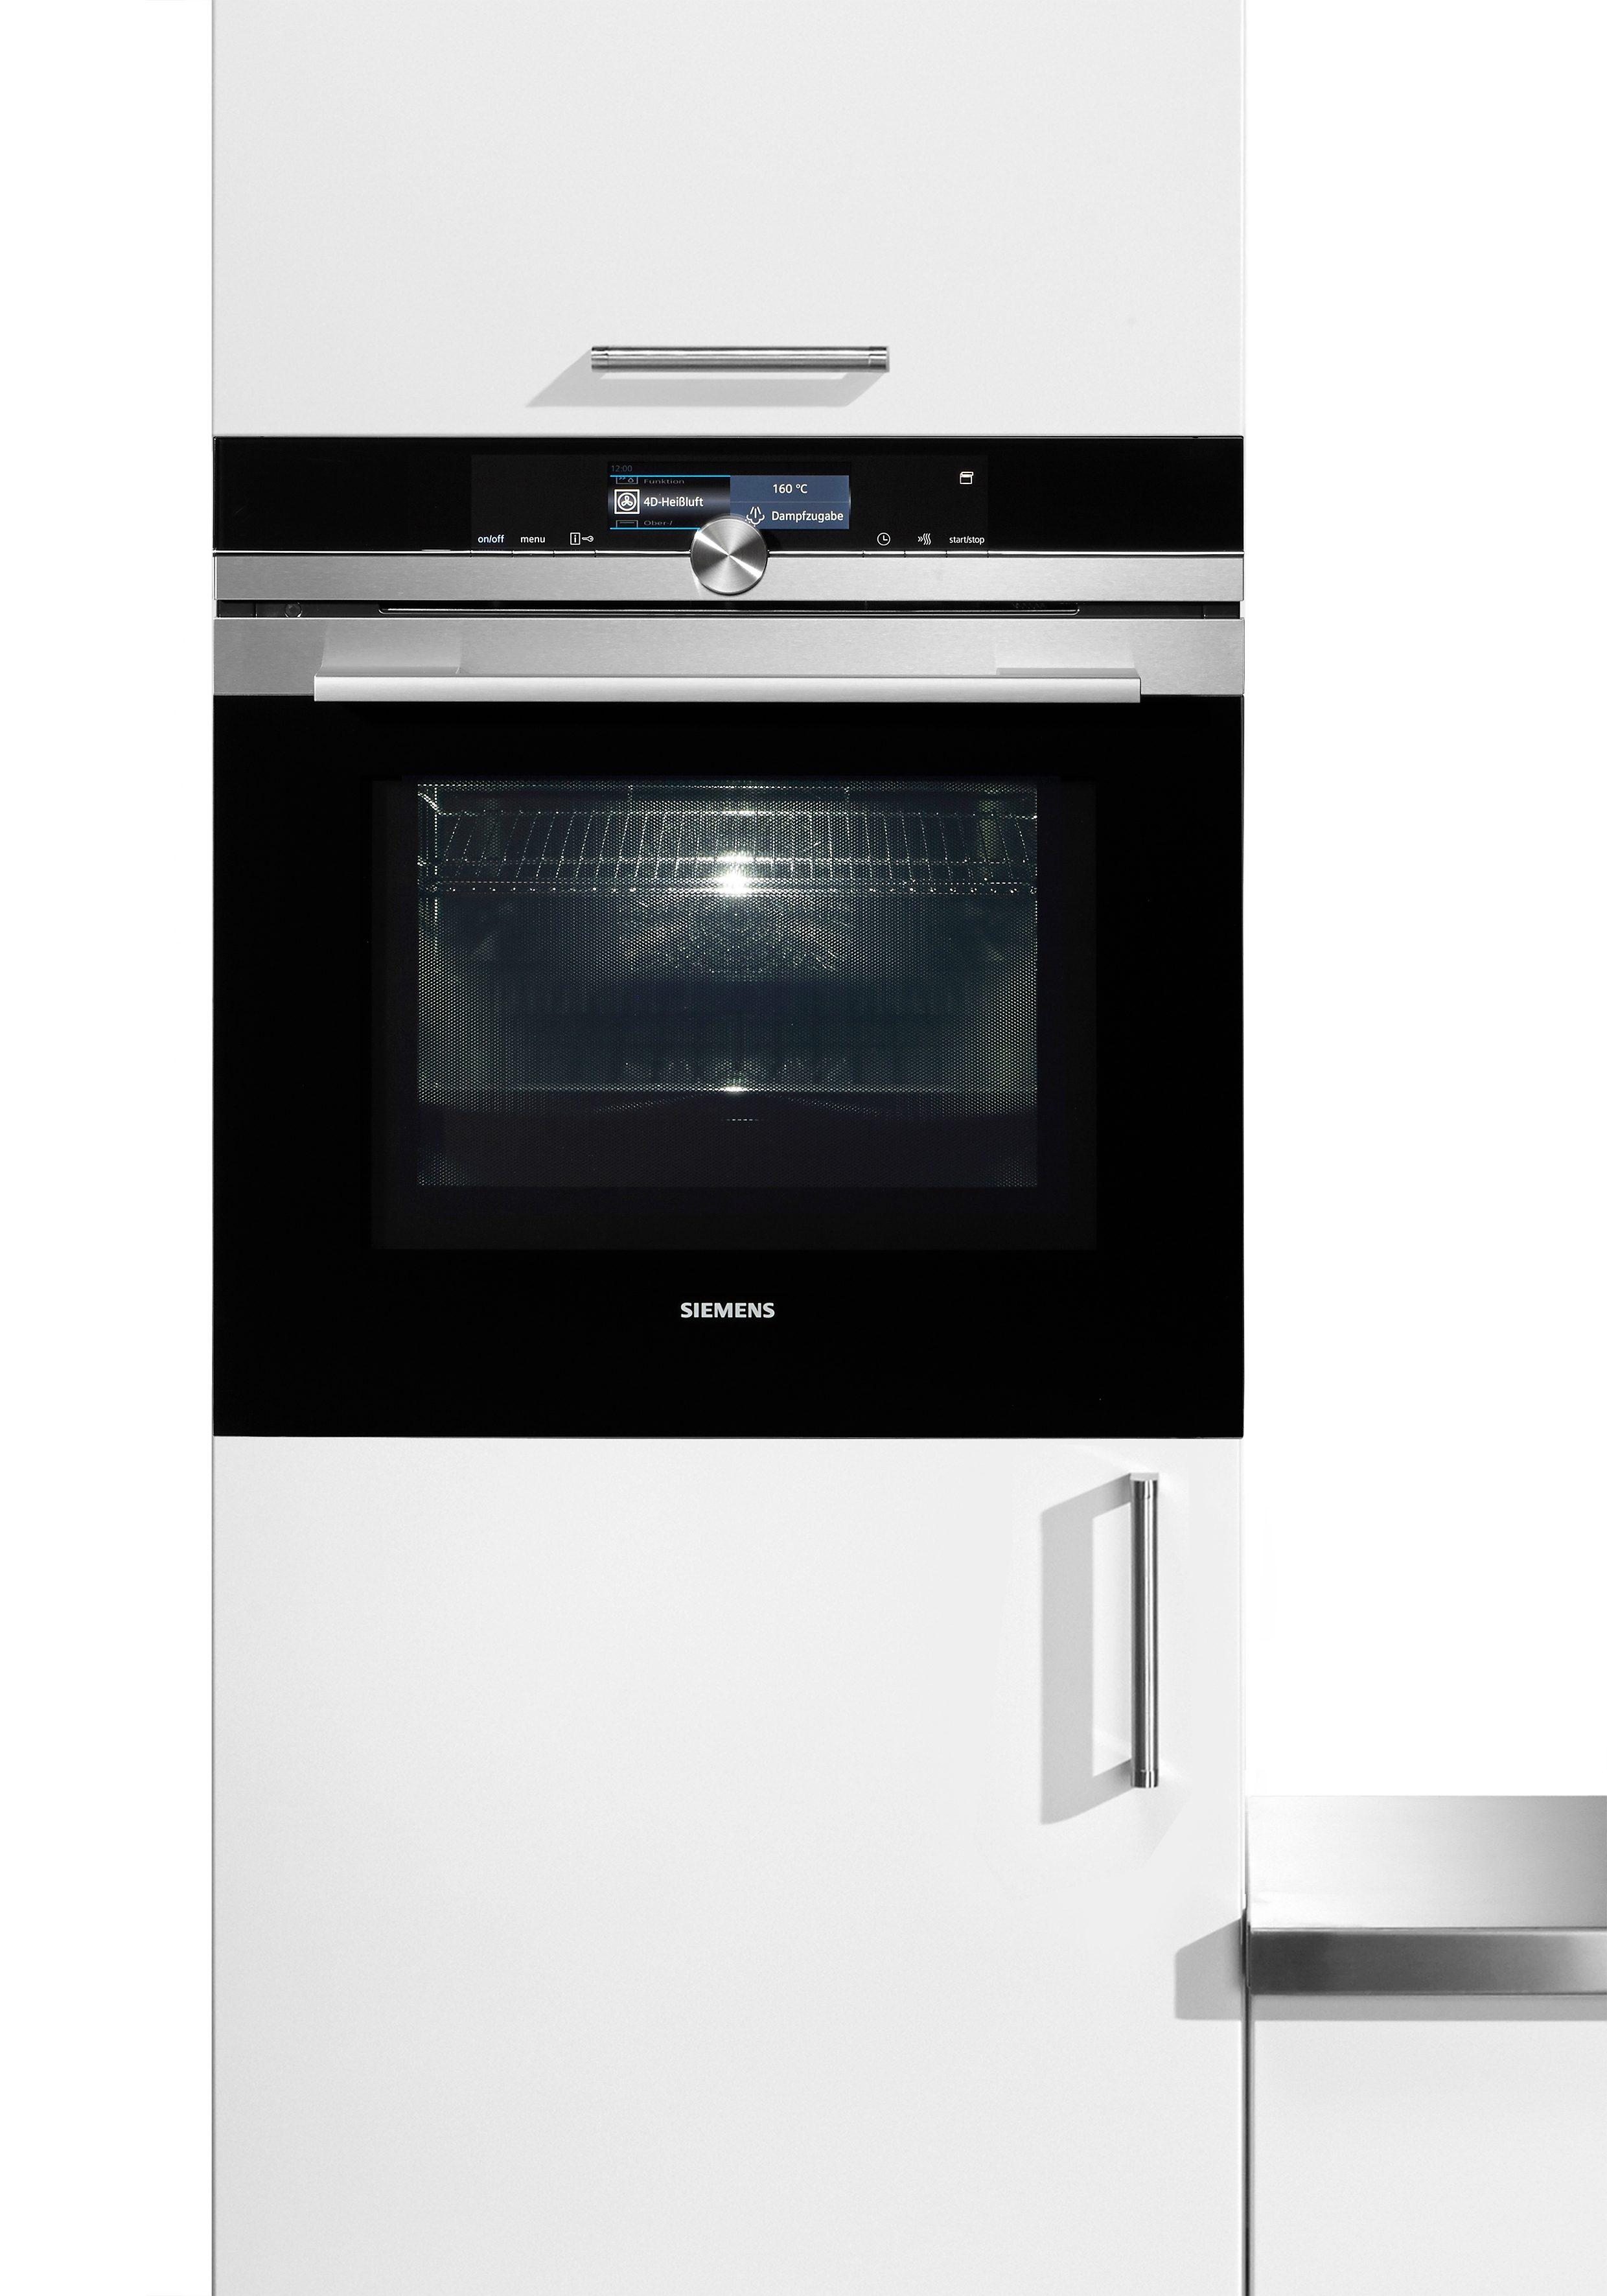 """Siemens Backofen mit Mikrowelle und Pyrolyse-Selbstreinigung iQ700 """"HM678G4S1"""""""